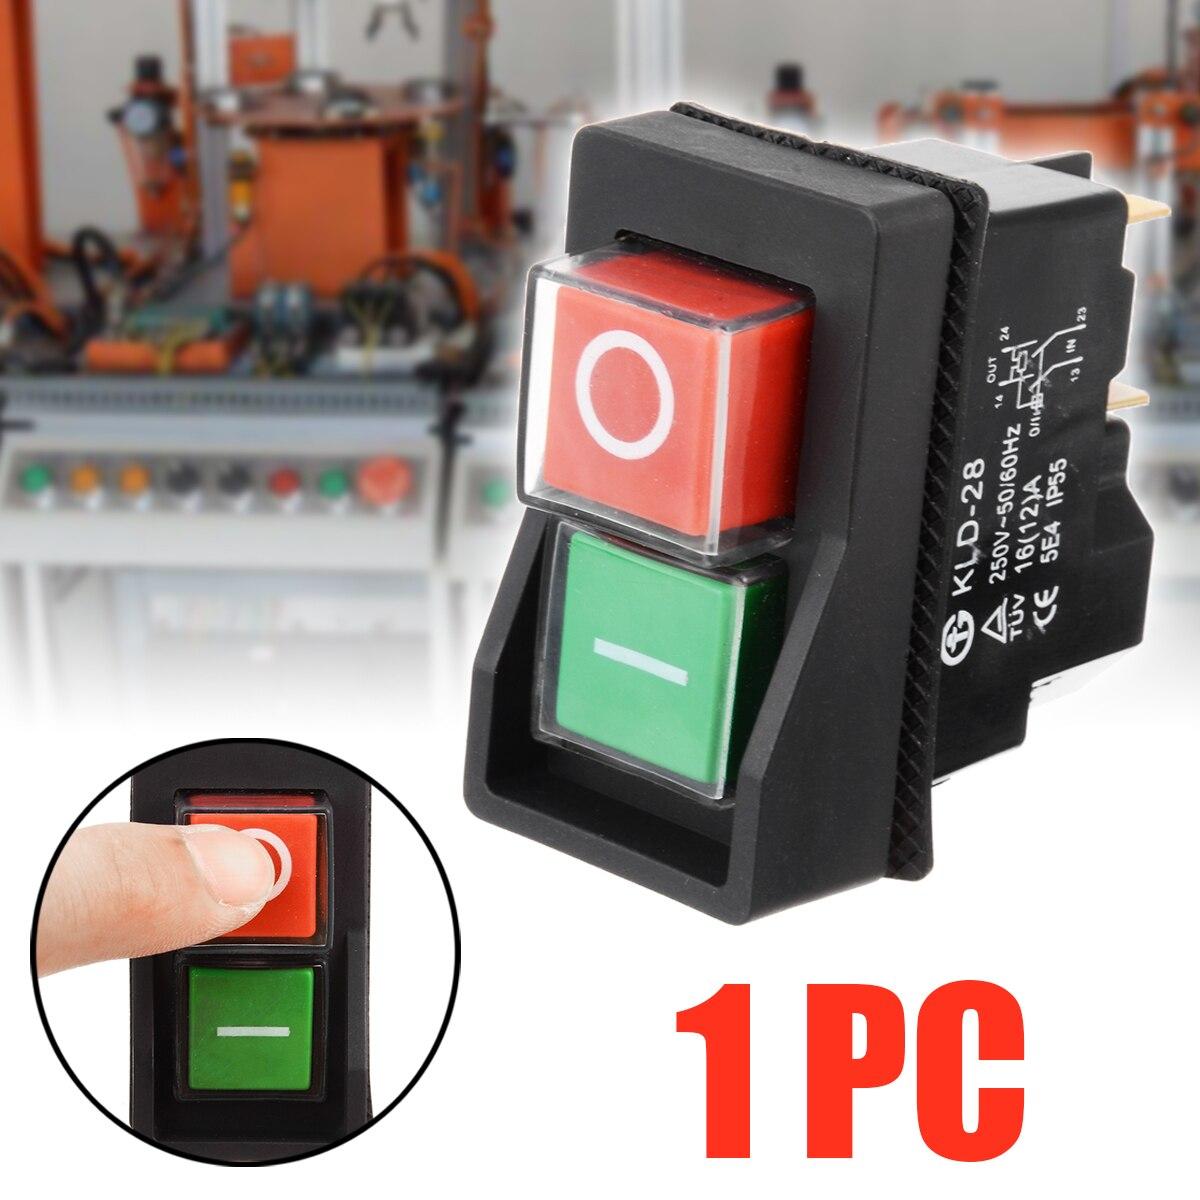 250V 16A водонепроницаемый магнитный переключатель включения выключения IP55 KLD28 4 Pin Start Stop магнитный переключатель включения выключения для мастерских машин 54*30*55 мм